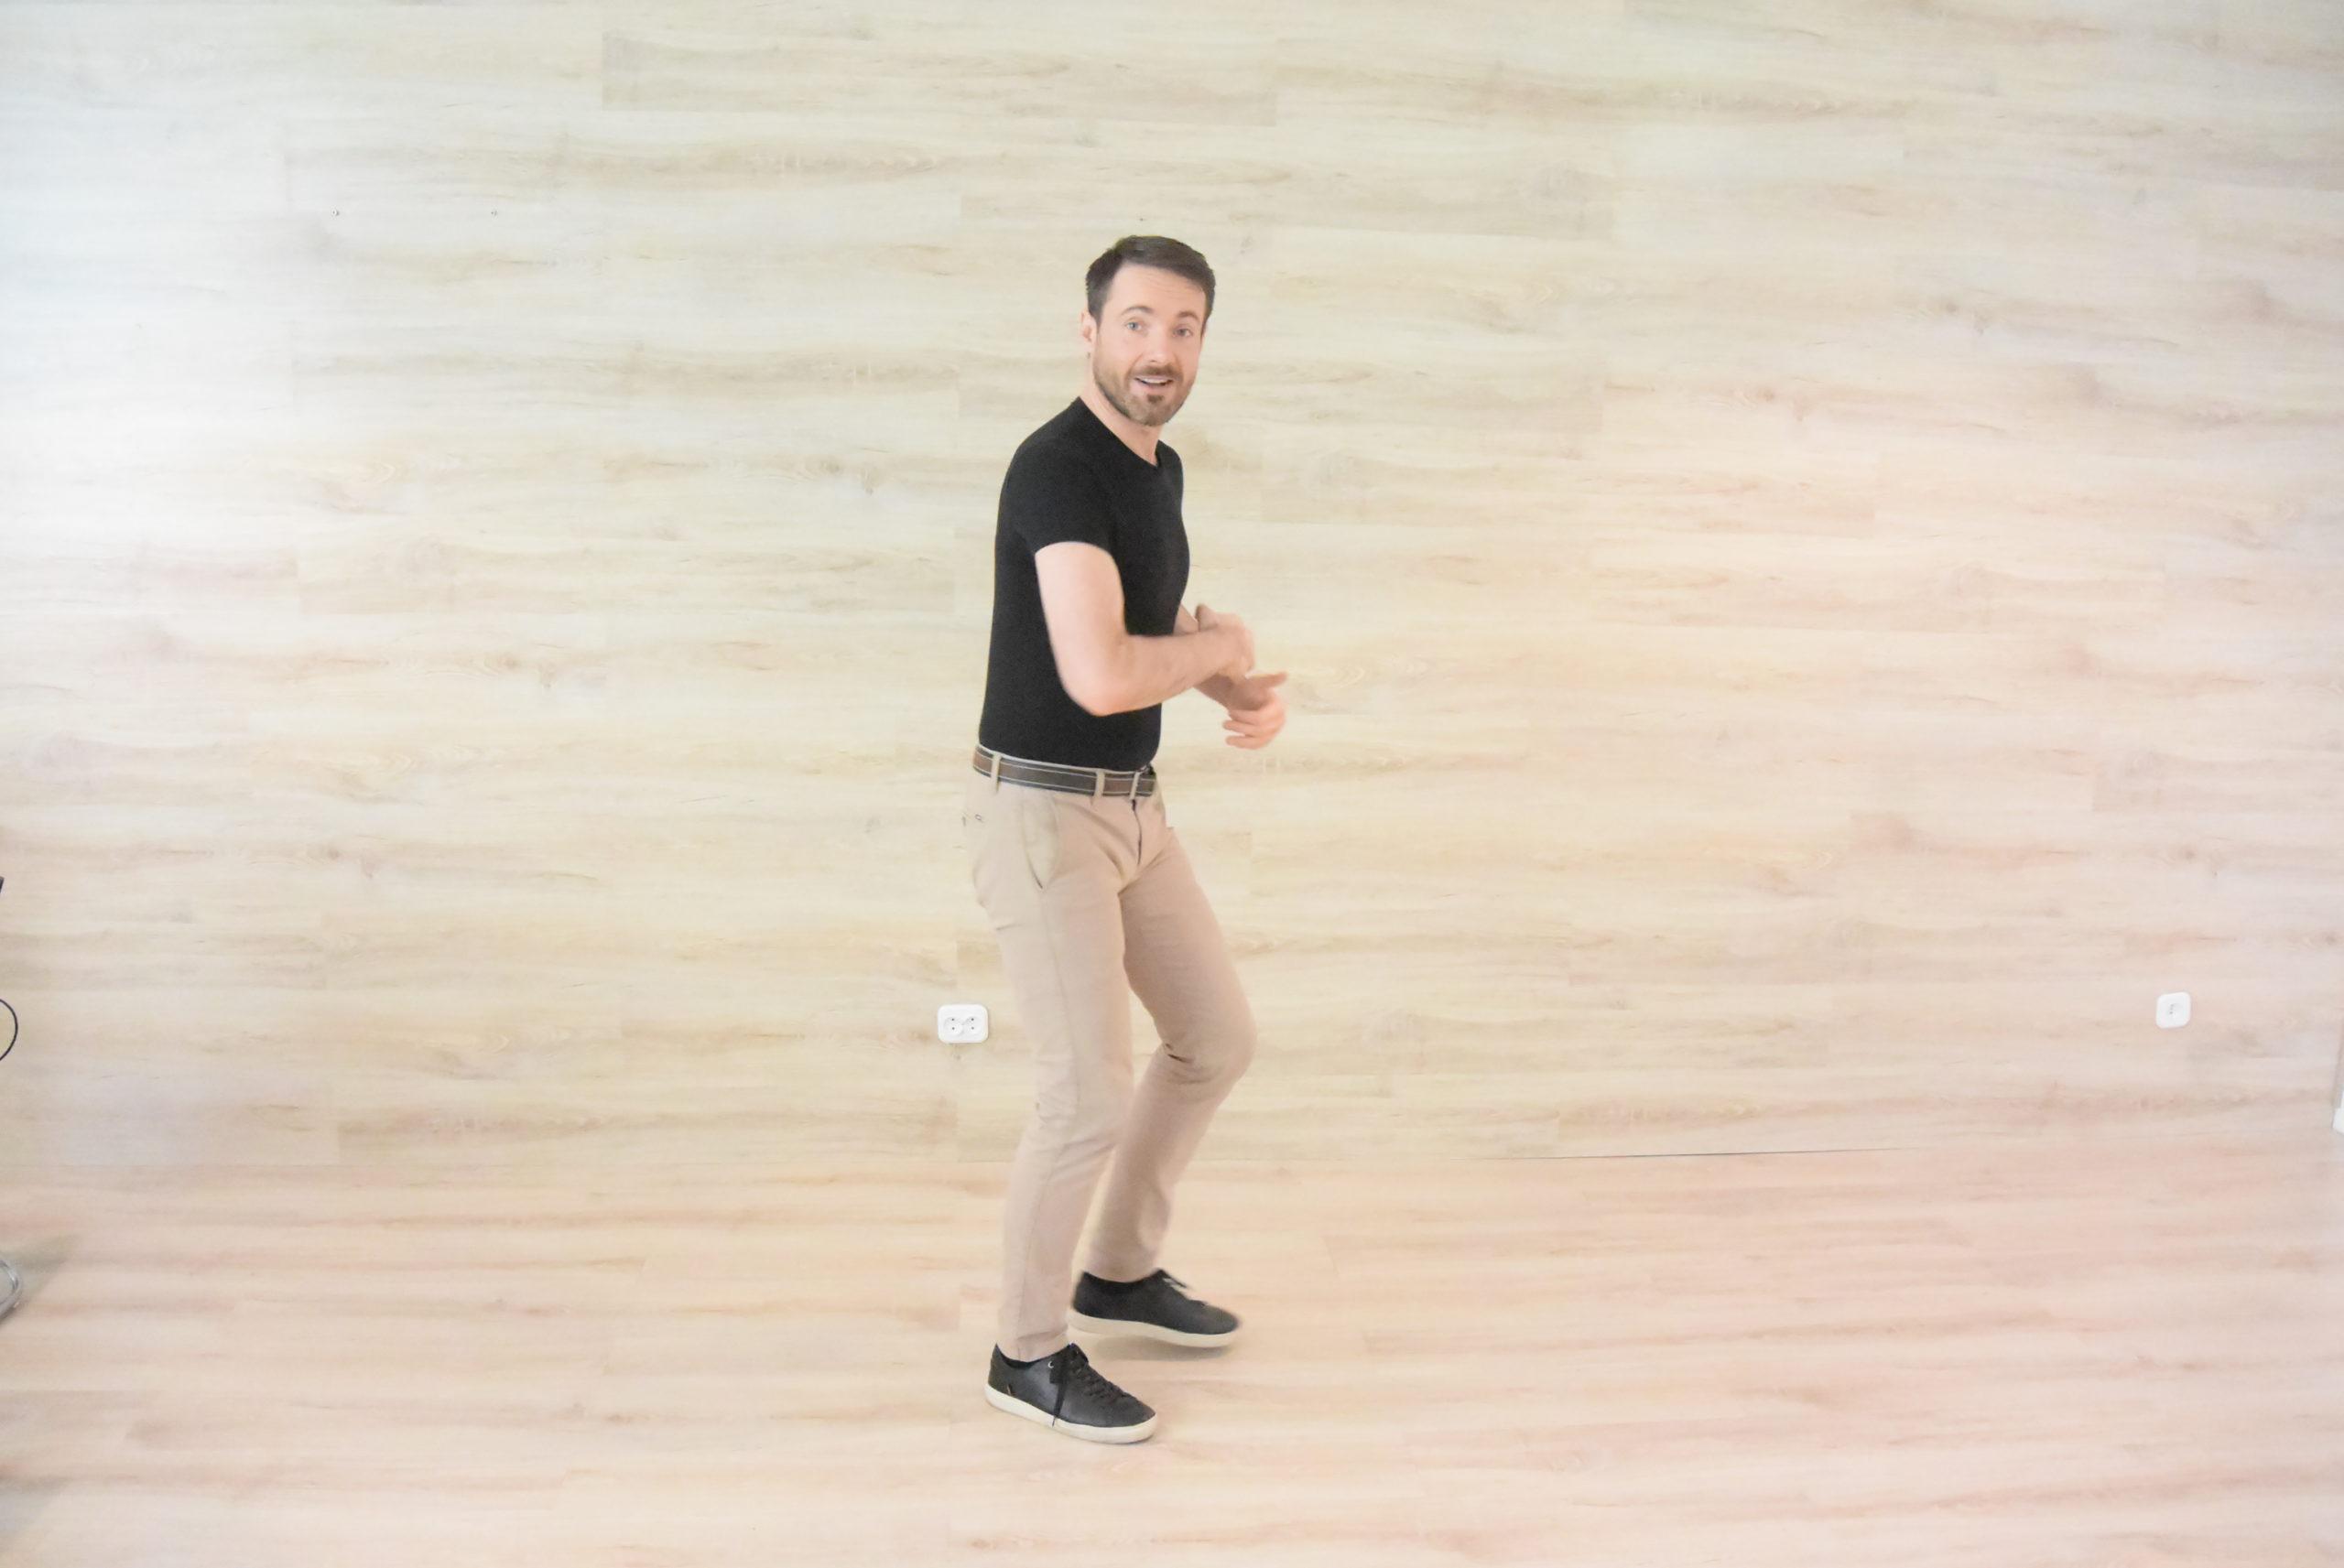 Lekcje i nauka tańca ONLINE